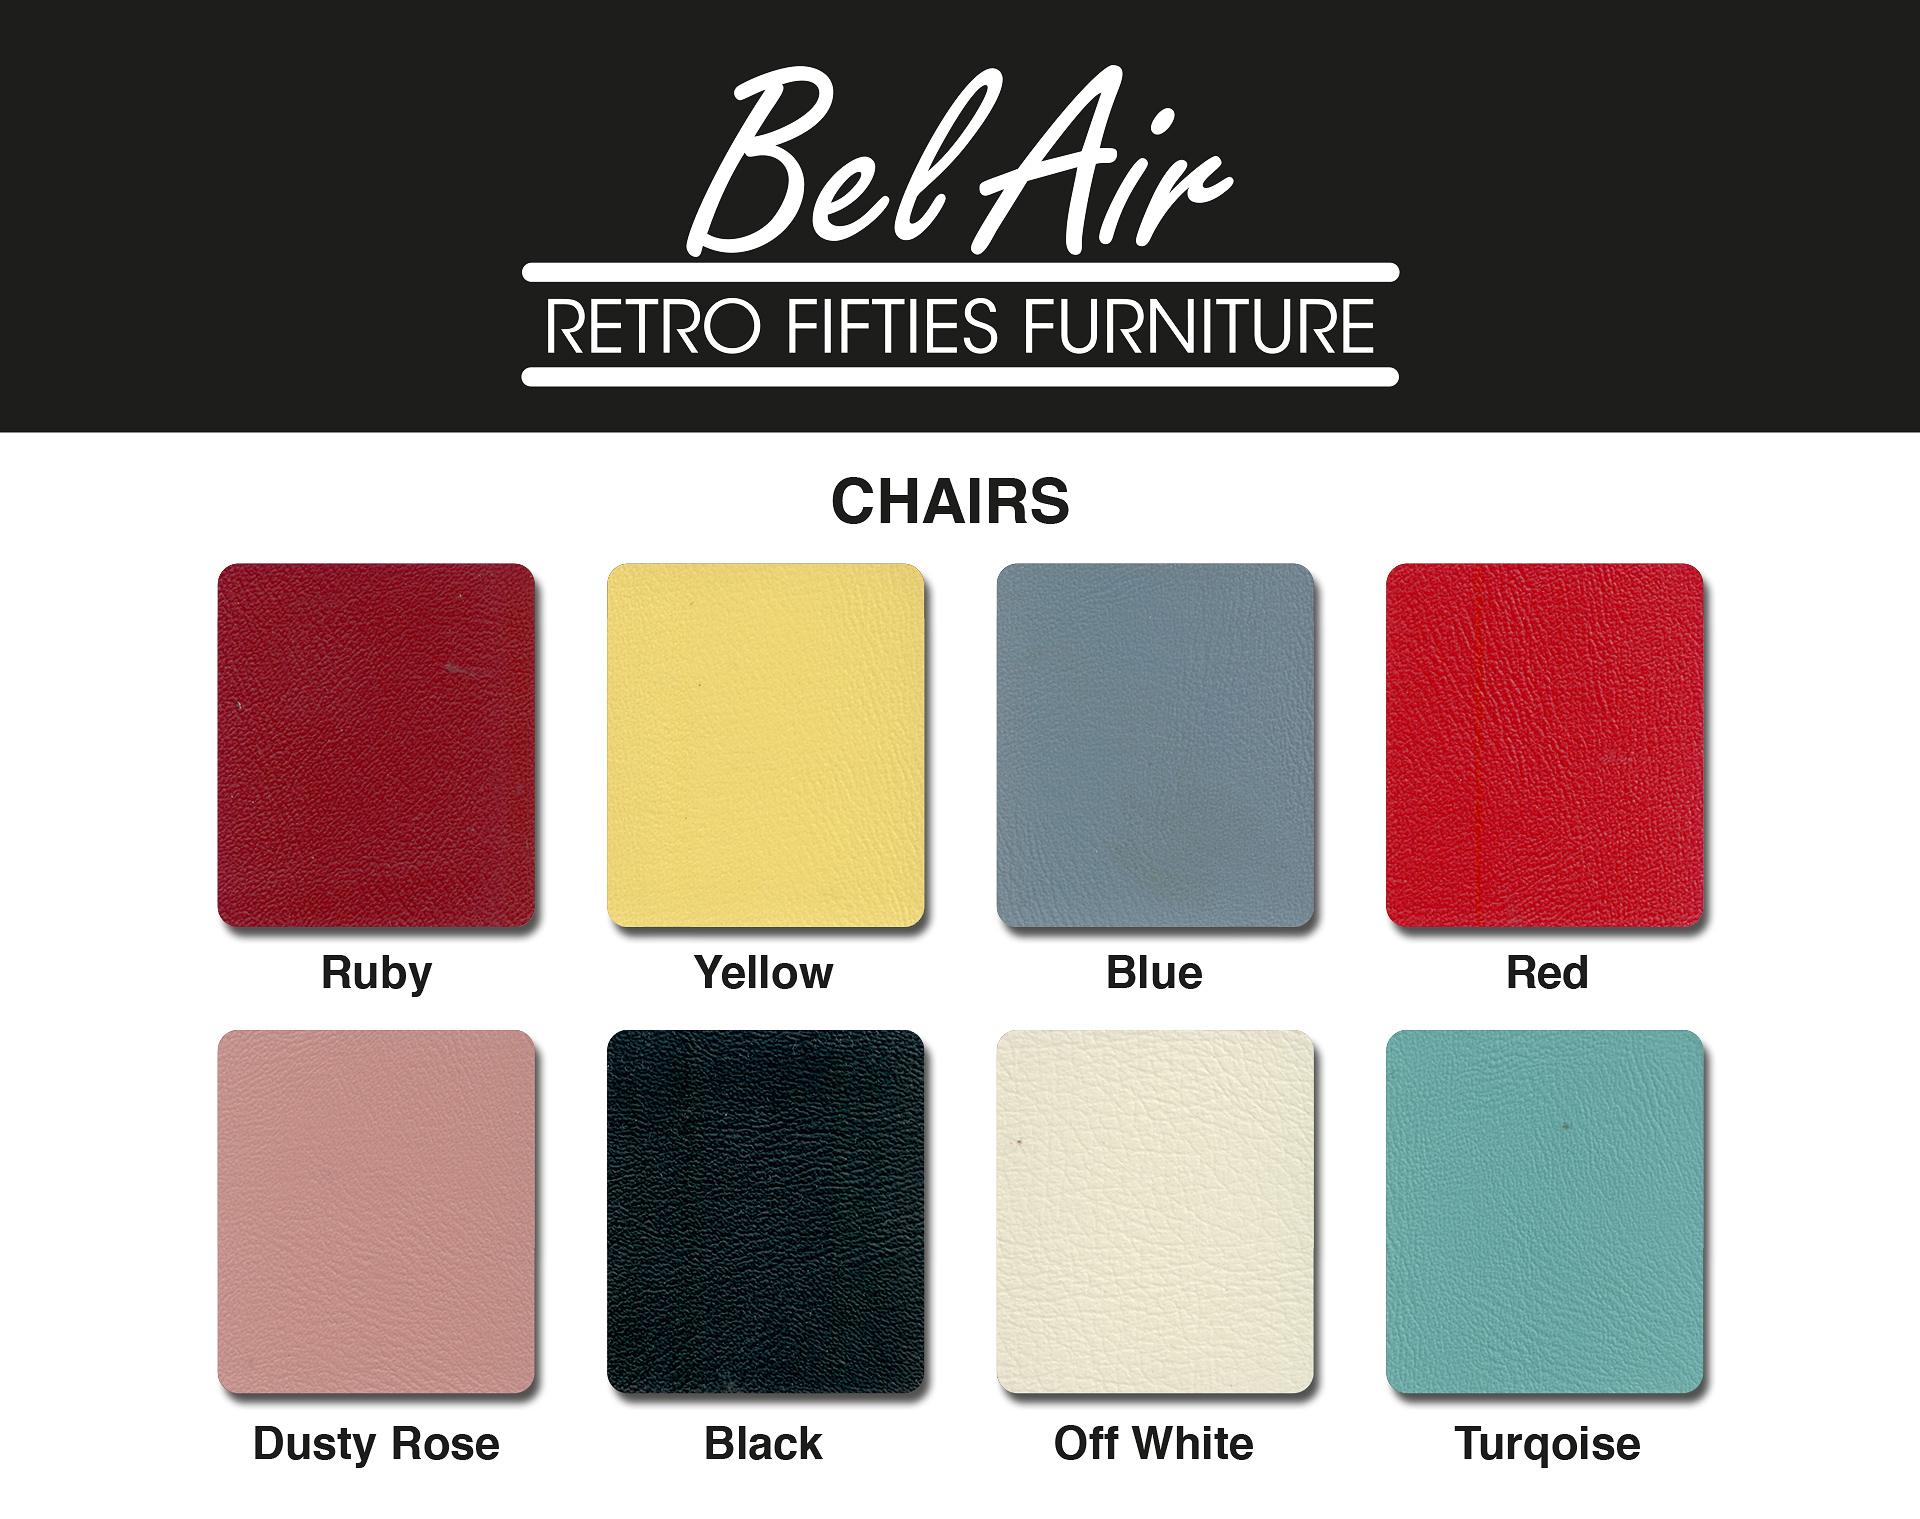 couleurs chaises interieur de restaurant années 50